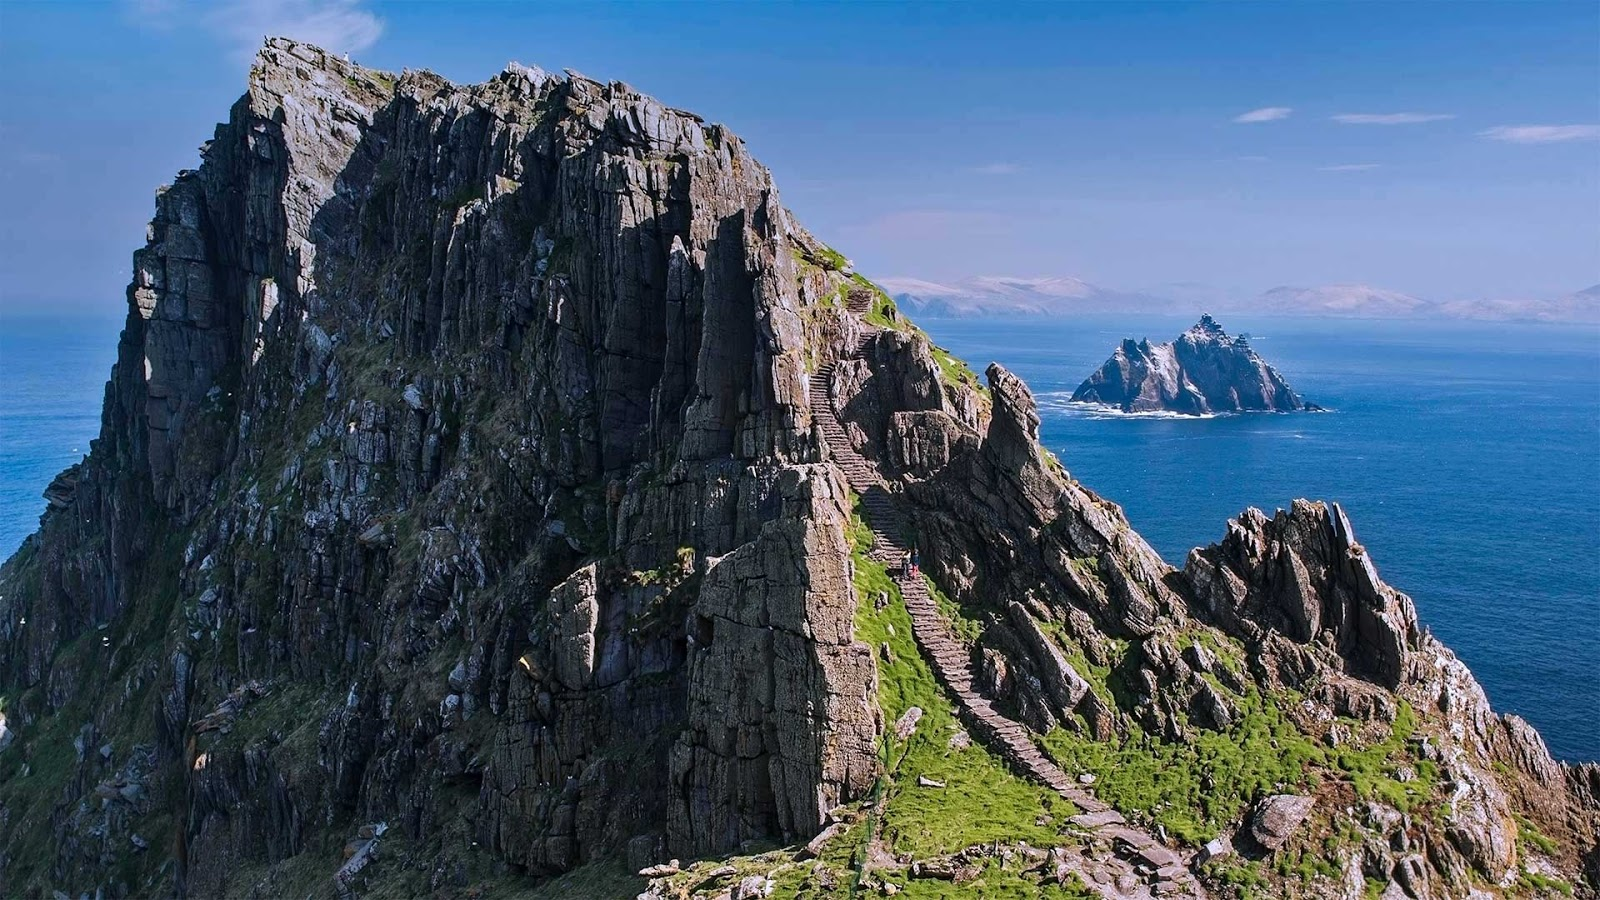 The Skellig Islands, Skellig Michael and Little Skellig, in Ireland © Design Pics/DanitaDelimont.com